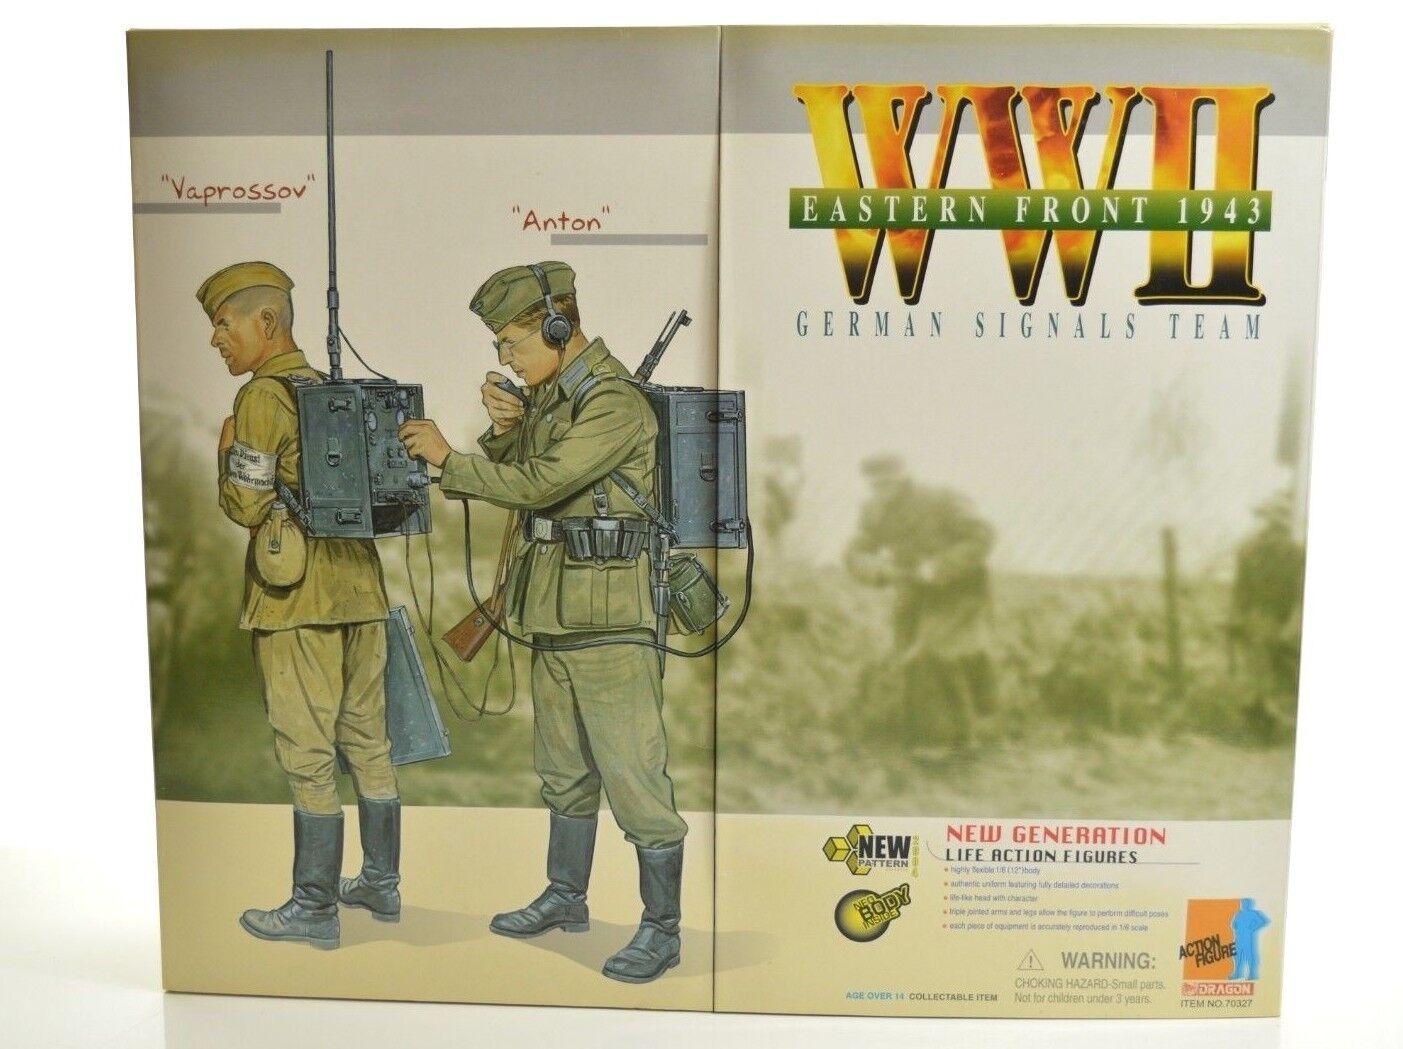 Drachen des zweiten weltkriegs deutsche signale team  vaprotv  -  anton